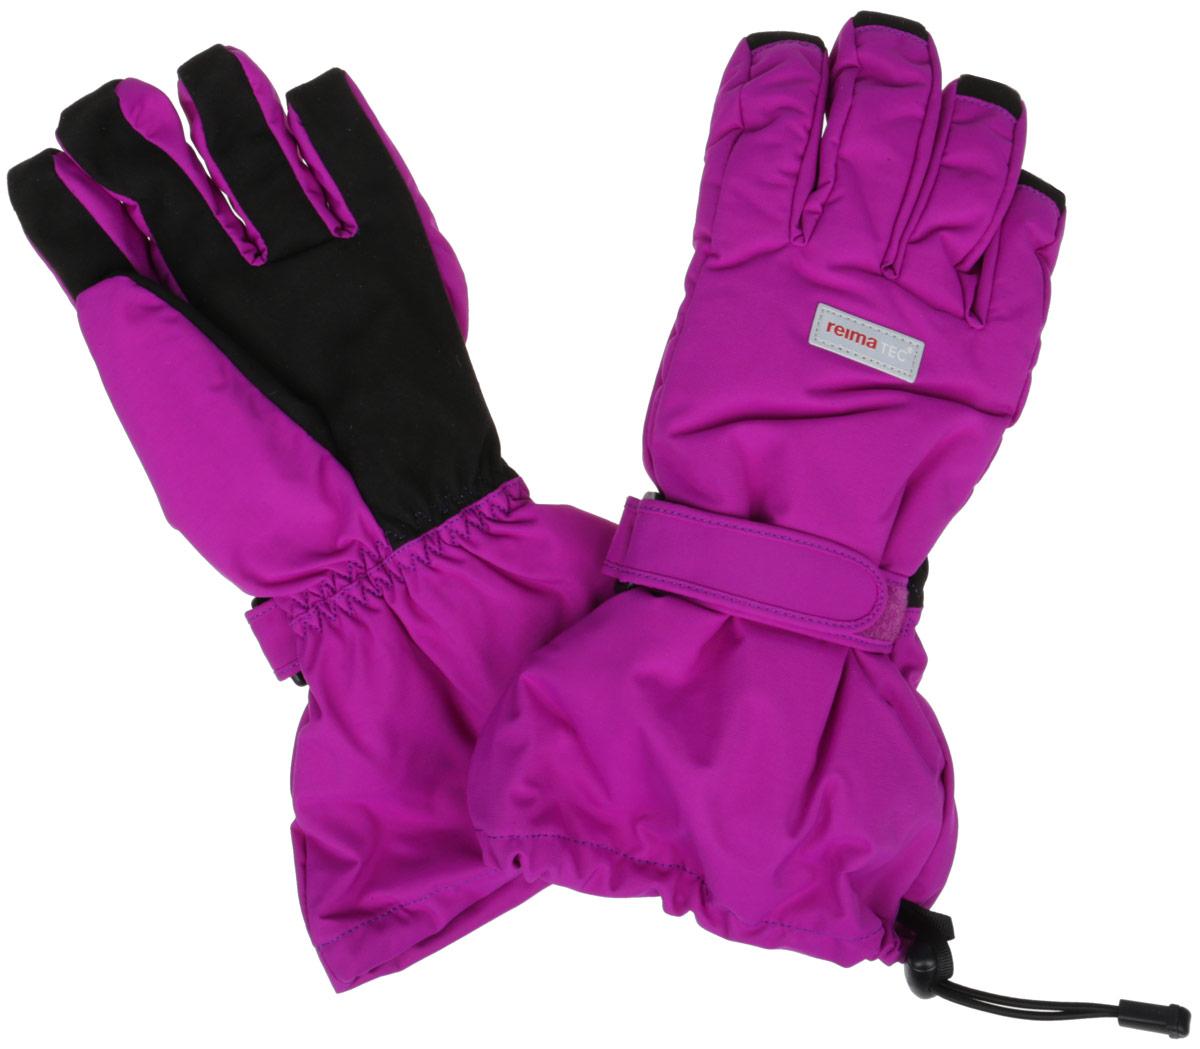 527172_9990Детские перчатки Reimatec, изготовленные из мембранной ткани с водо- и ветрозащитным покрытием, станут идеальным вариантом для холодной зимней погоды. На подкладке используется мягкий флис, который хорошо удерживает тепло. Для большего удобства на запястьях перчатки дополнены хлястиками на липучках с внешней стороны, а на ладошках, кончиках пальцев и с внутренней стороны большого пальца - усиленными вставками Hipora. Манжеты по краю регулируются эластичными кулисками со стопперами. С внешней стороны перчатки оформлены светоотражающими нашивками в виде фирменного логотипа бренда. Средняя степень утепления. Идеально при температурах от 0°С до -20°С.